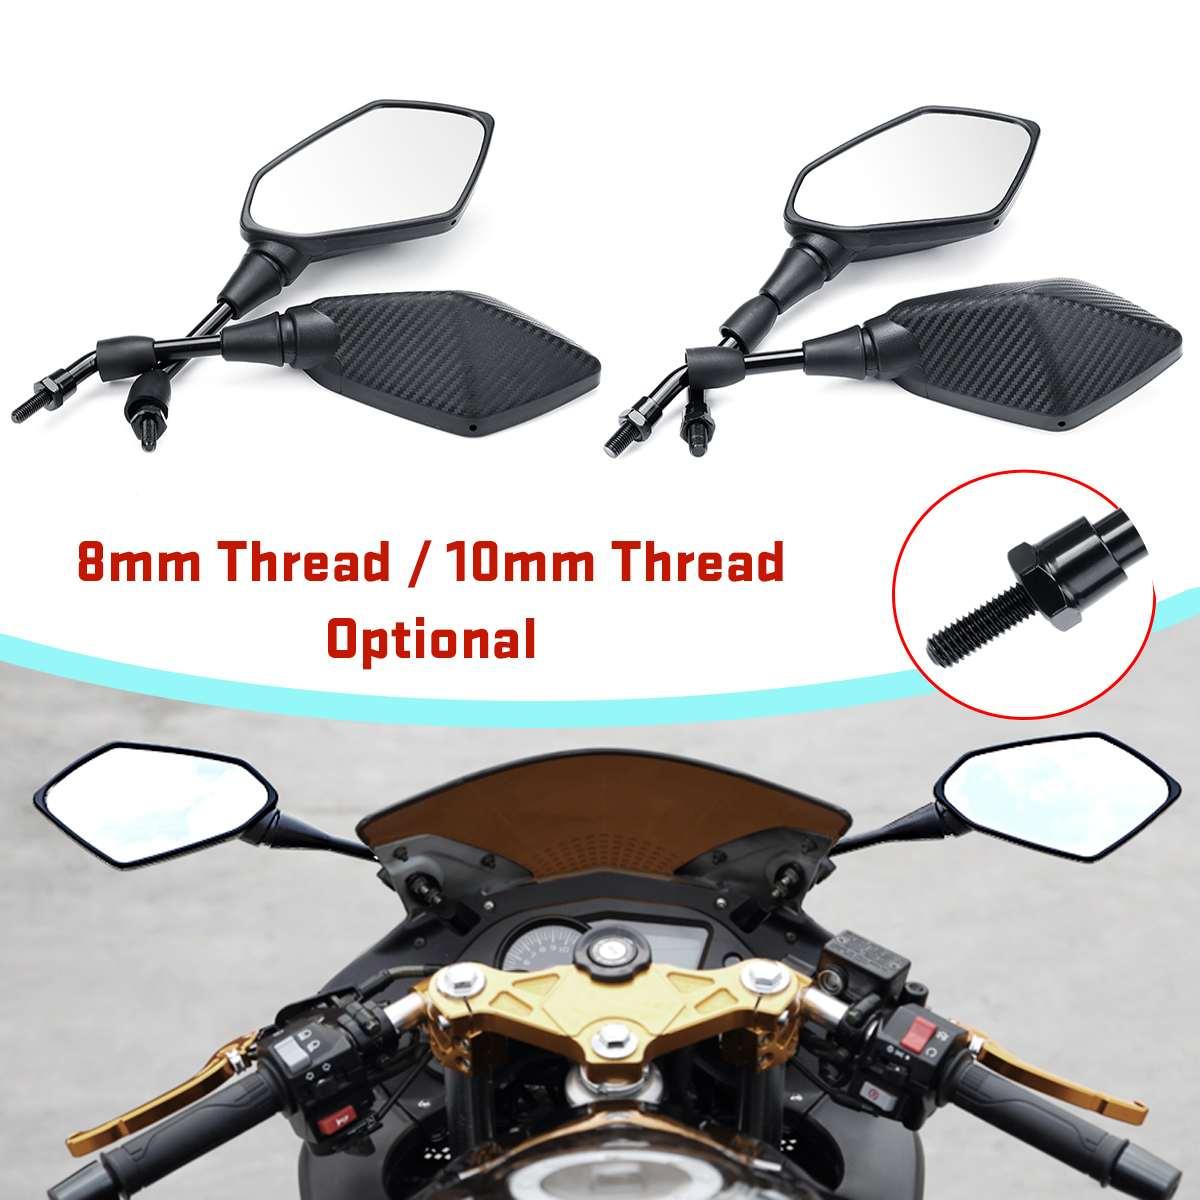 1 Paar 8mm 10mm Universal Motorrad Spiegel Roller E-bike Rückspiegel Electrombile Zurück Seite Konvexen Spiegel Carbon Faser Wir Nehmen Kunden Als Unsere GöTter